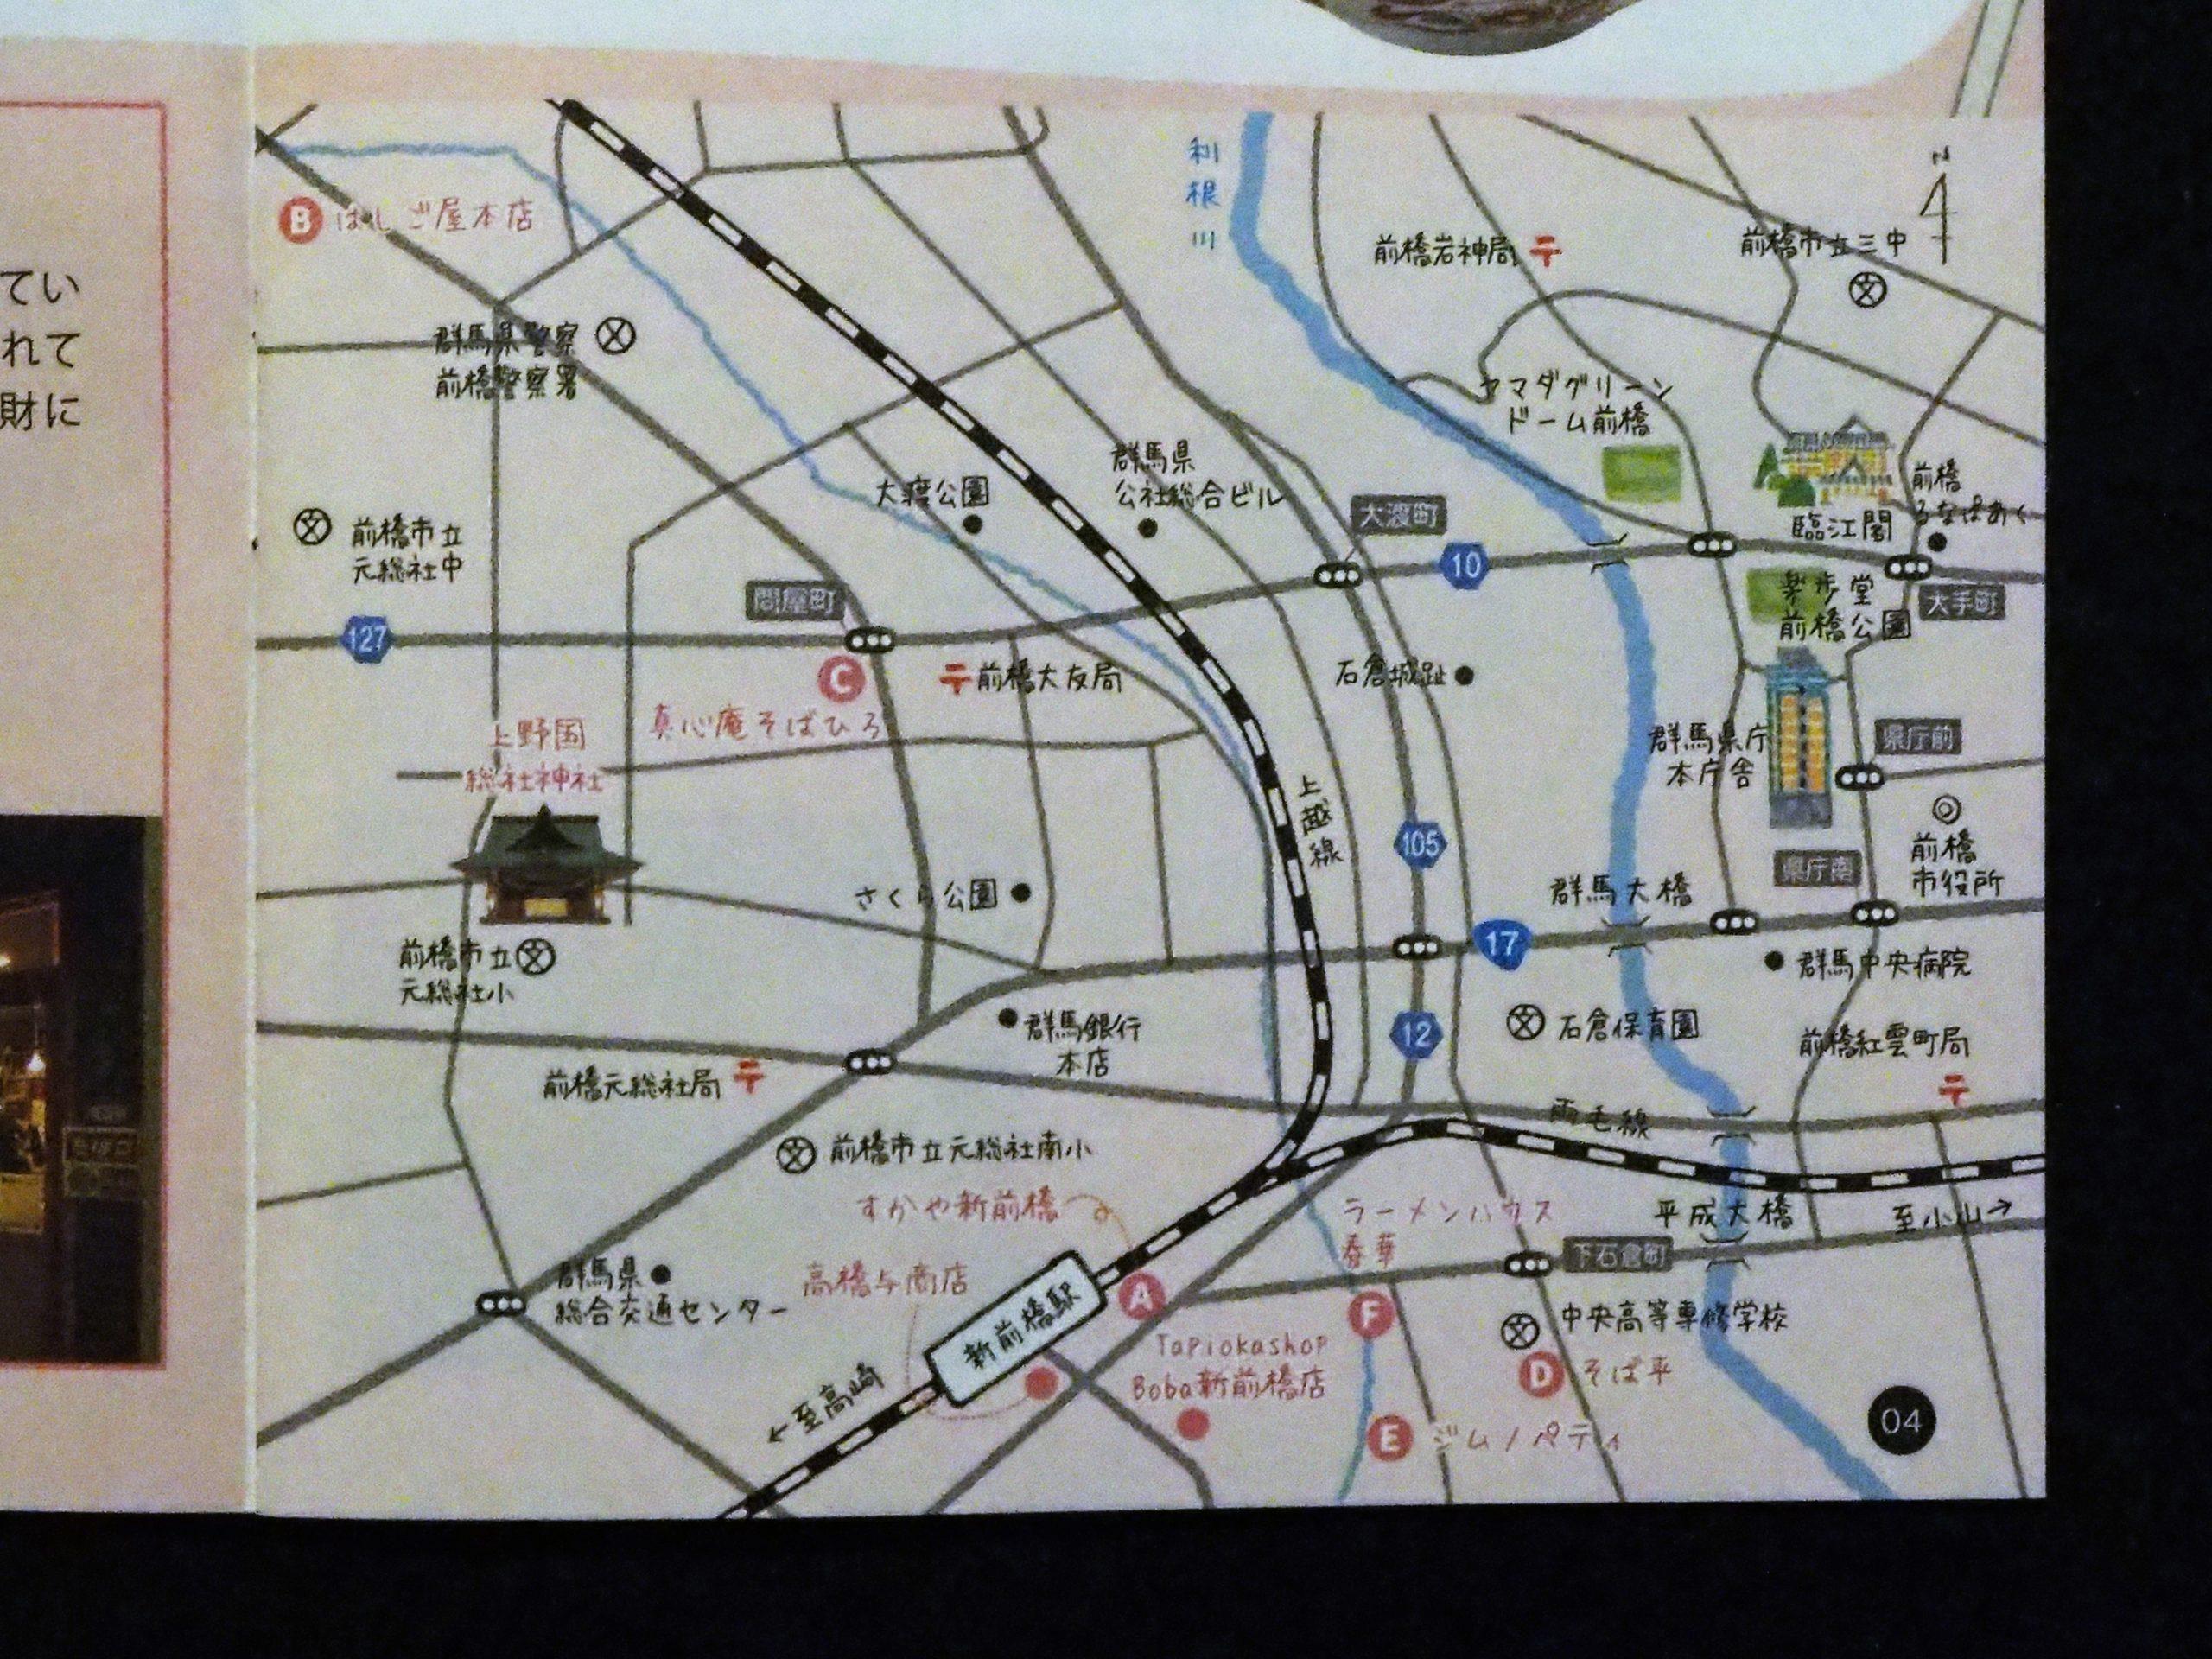 すかや新前橋 地図